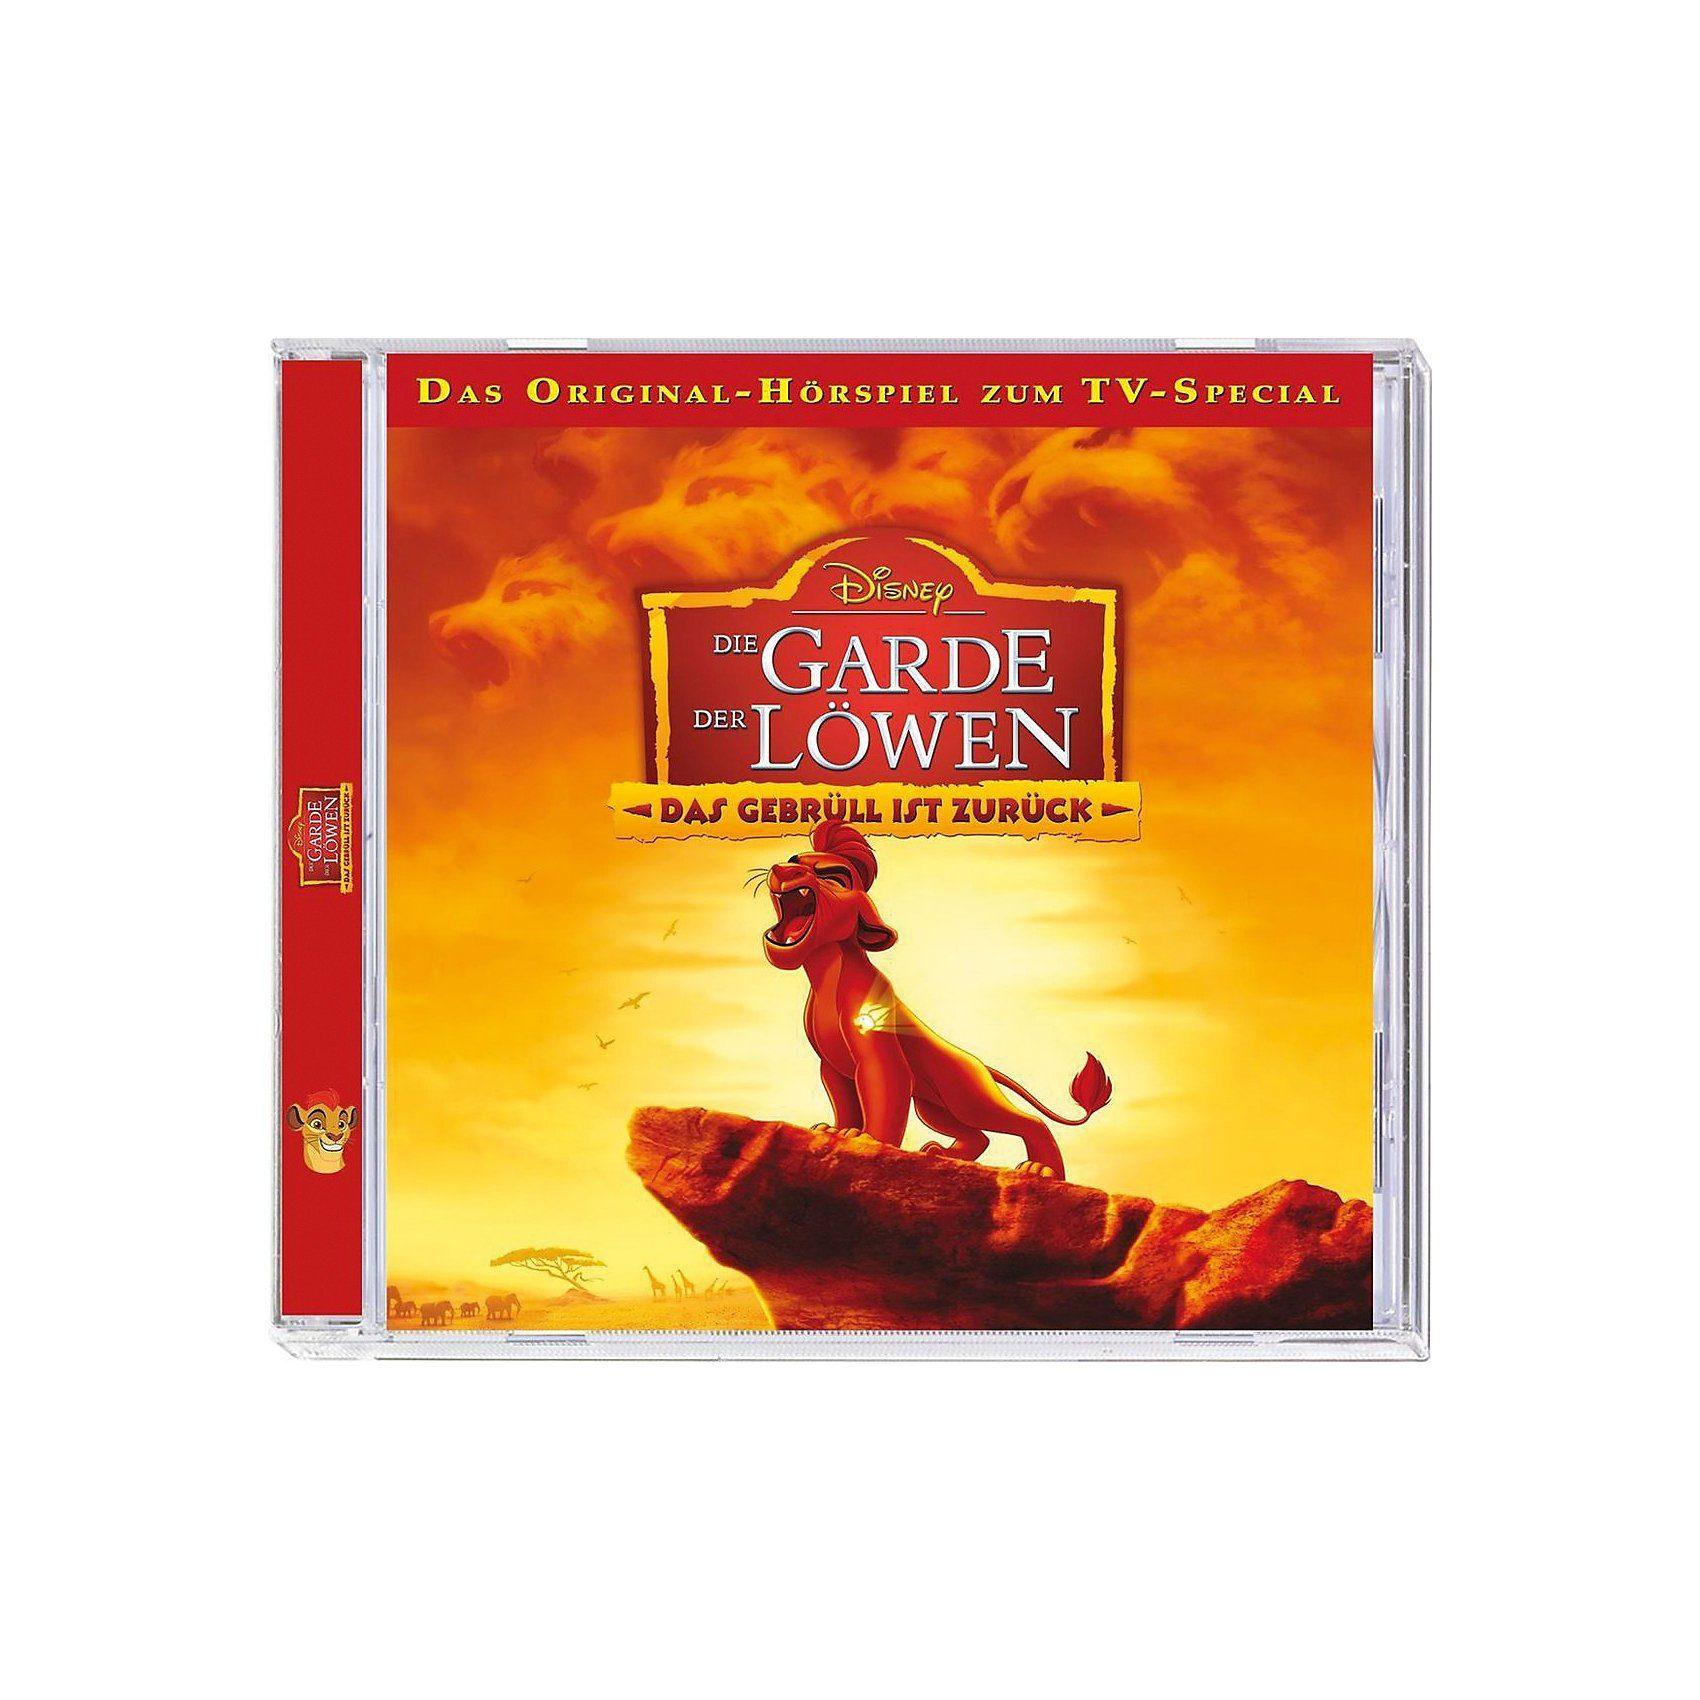 Kiddinx CD Disney Die Garde der Löwen - Das Gebrüll ist zurück